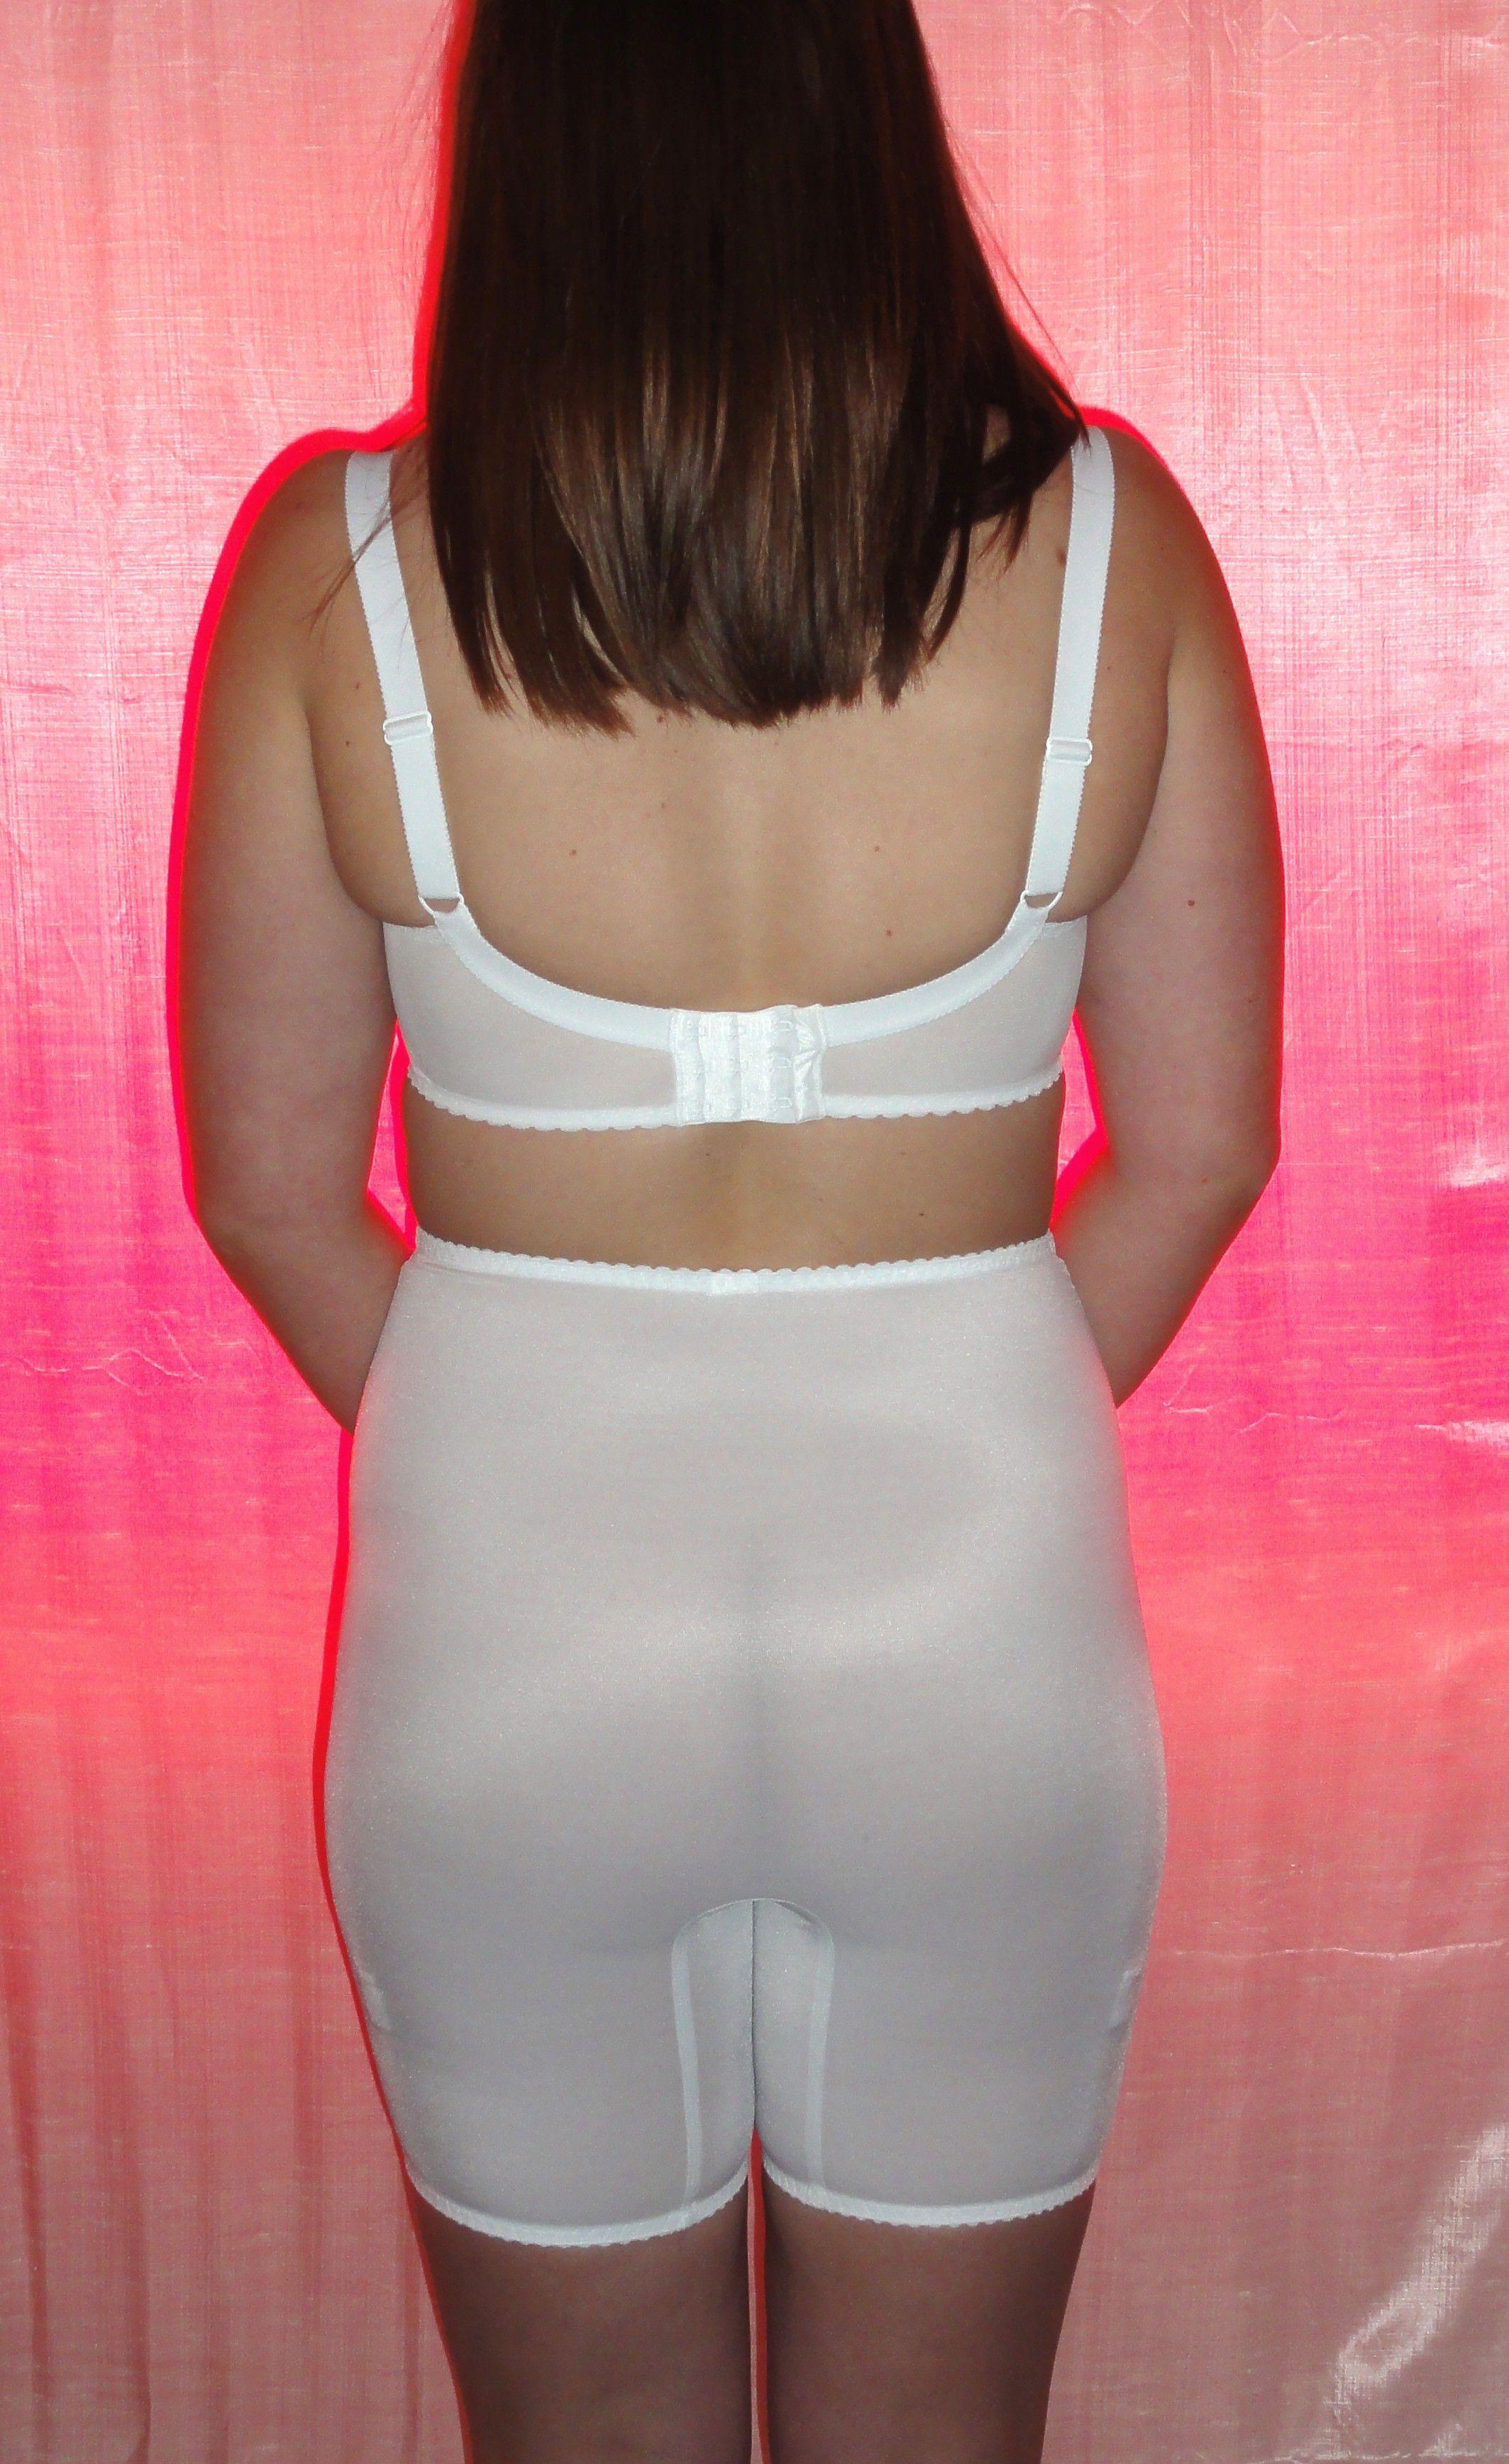 Victoria secrets white ssbbw amp shorty mac - 1 3